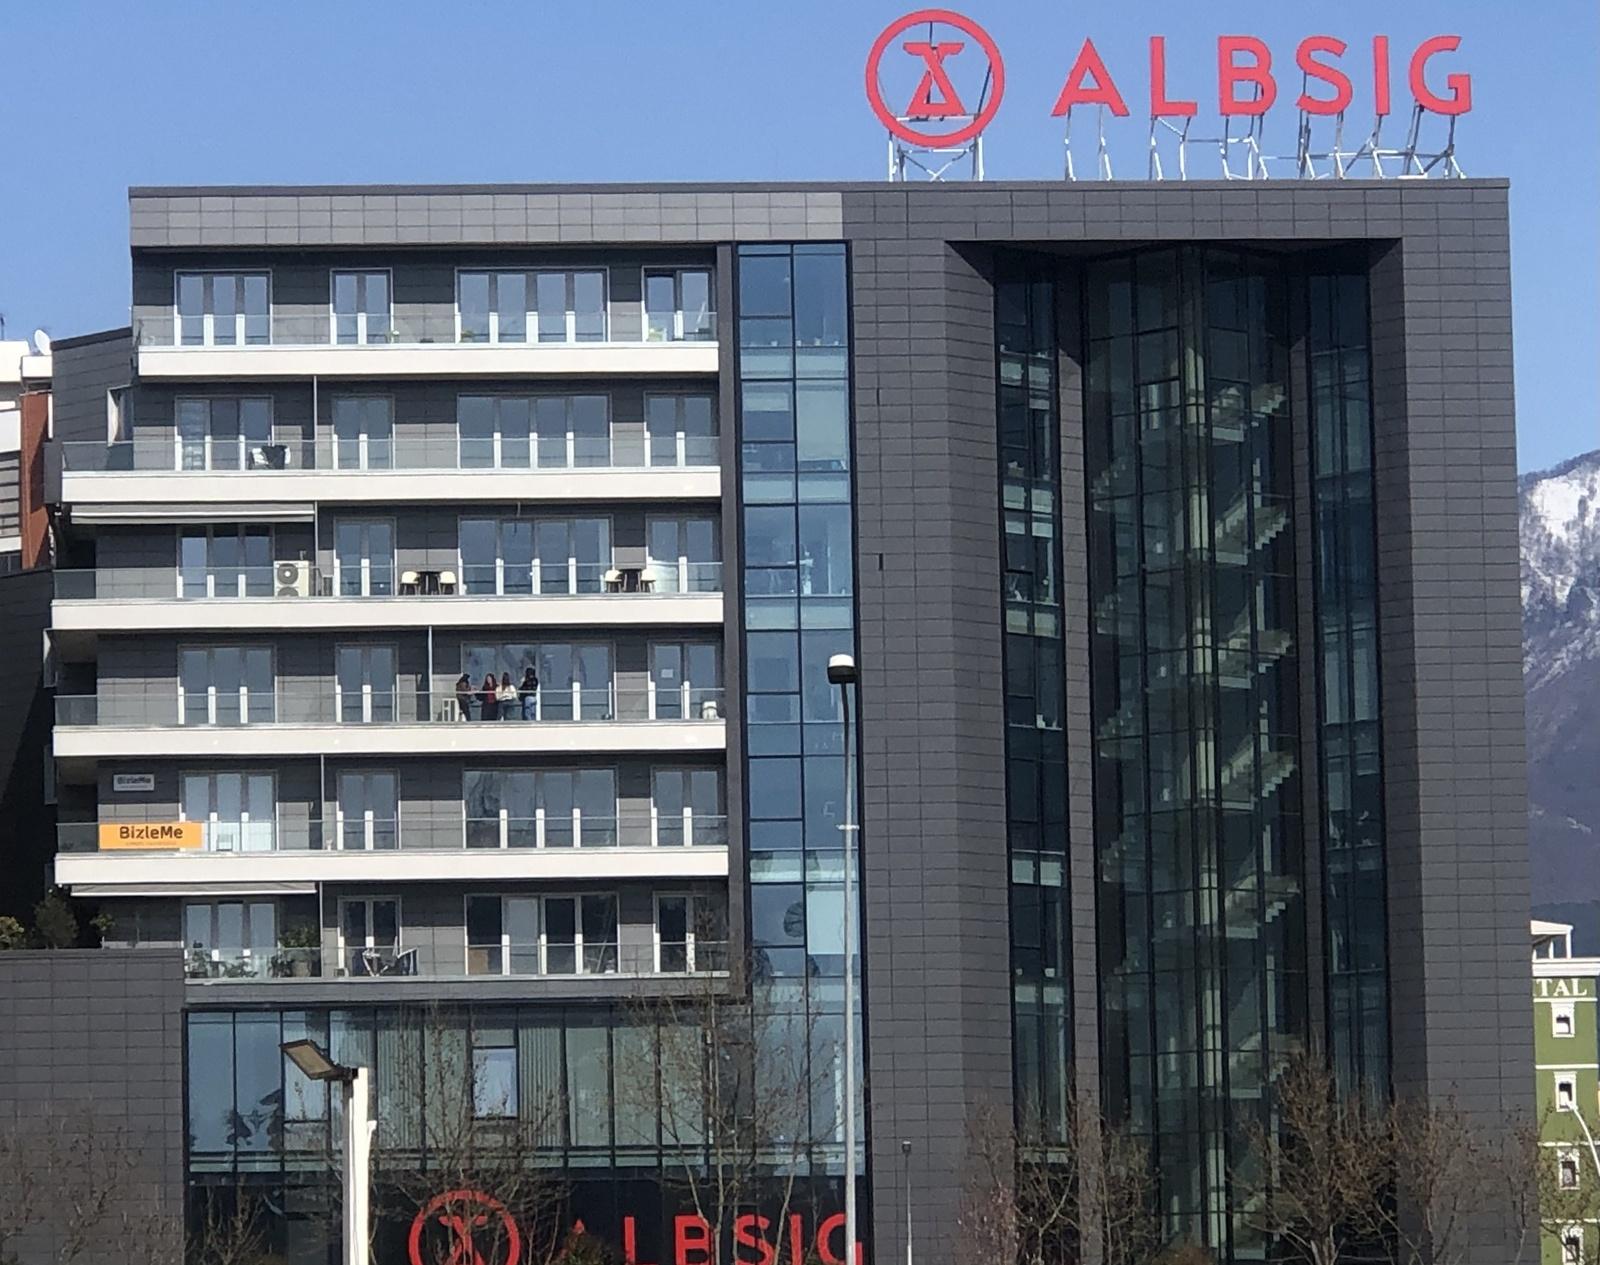 Turdiu Albsig Center